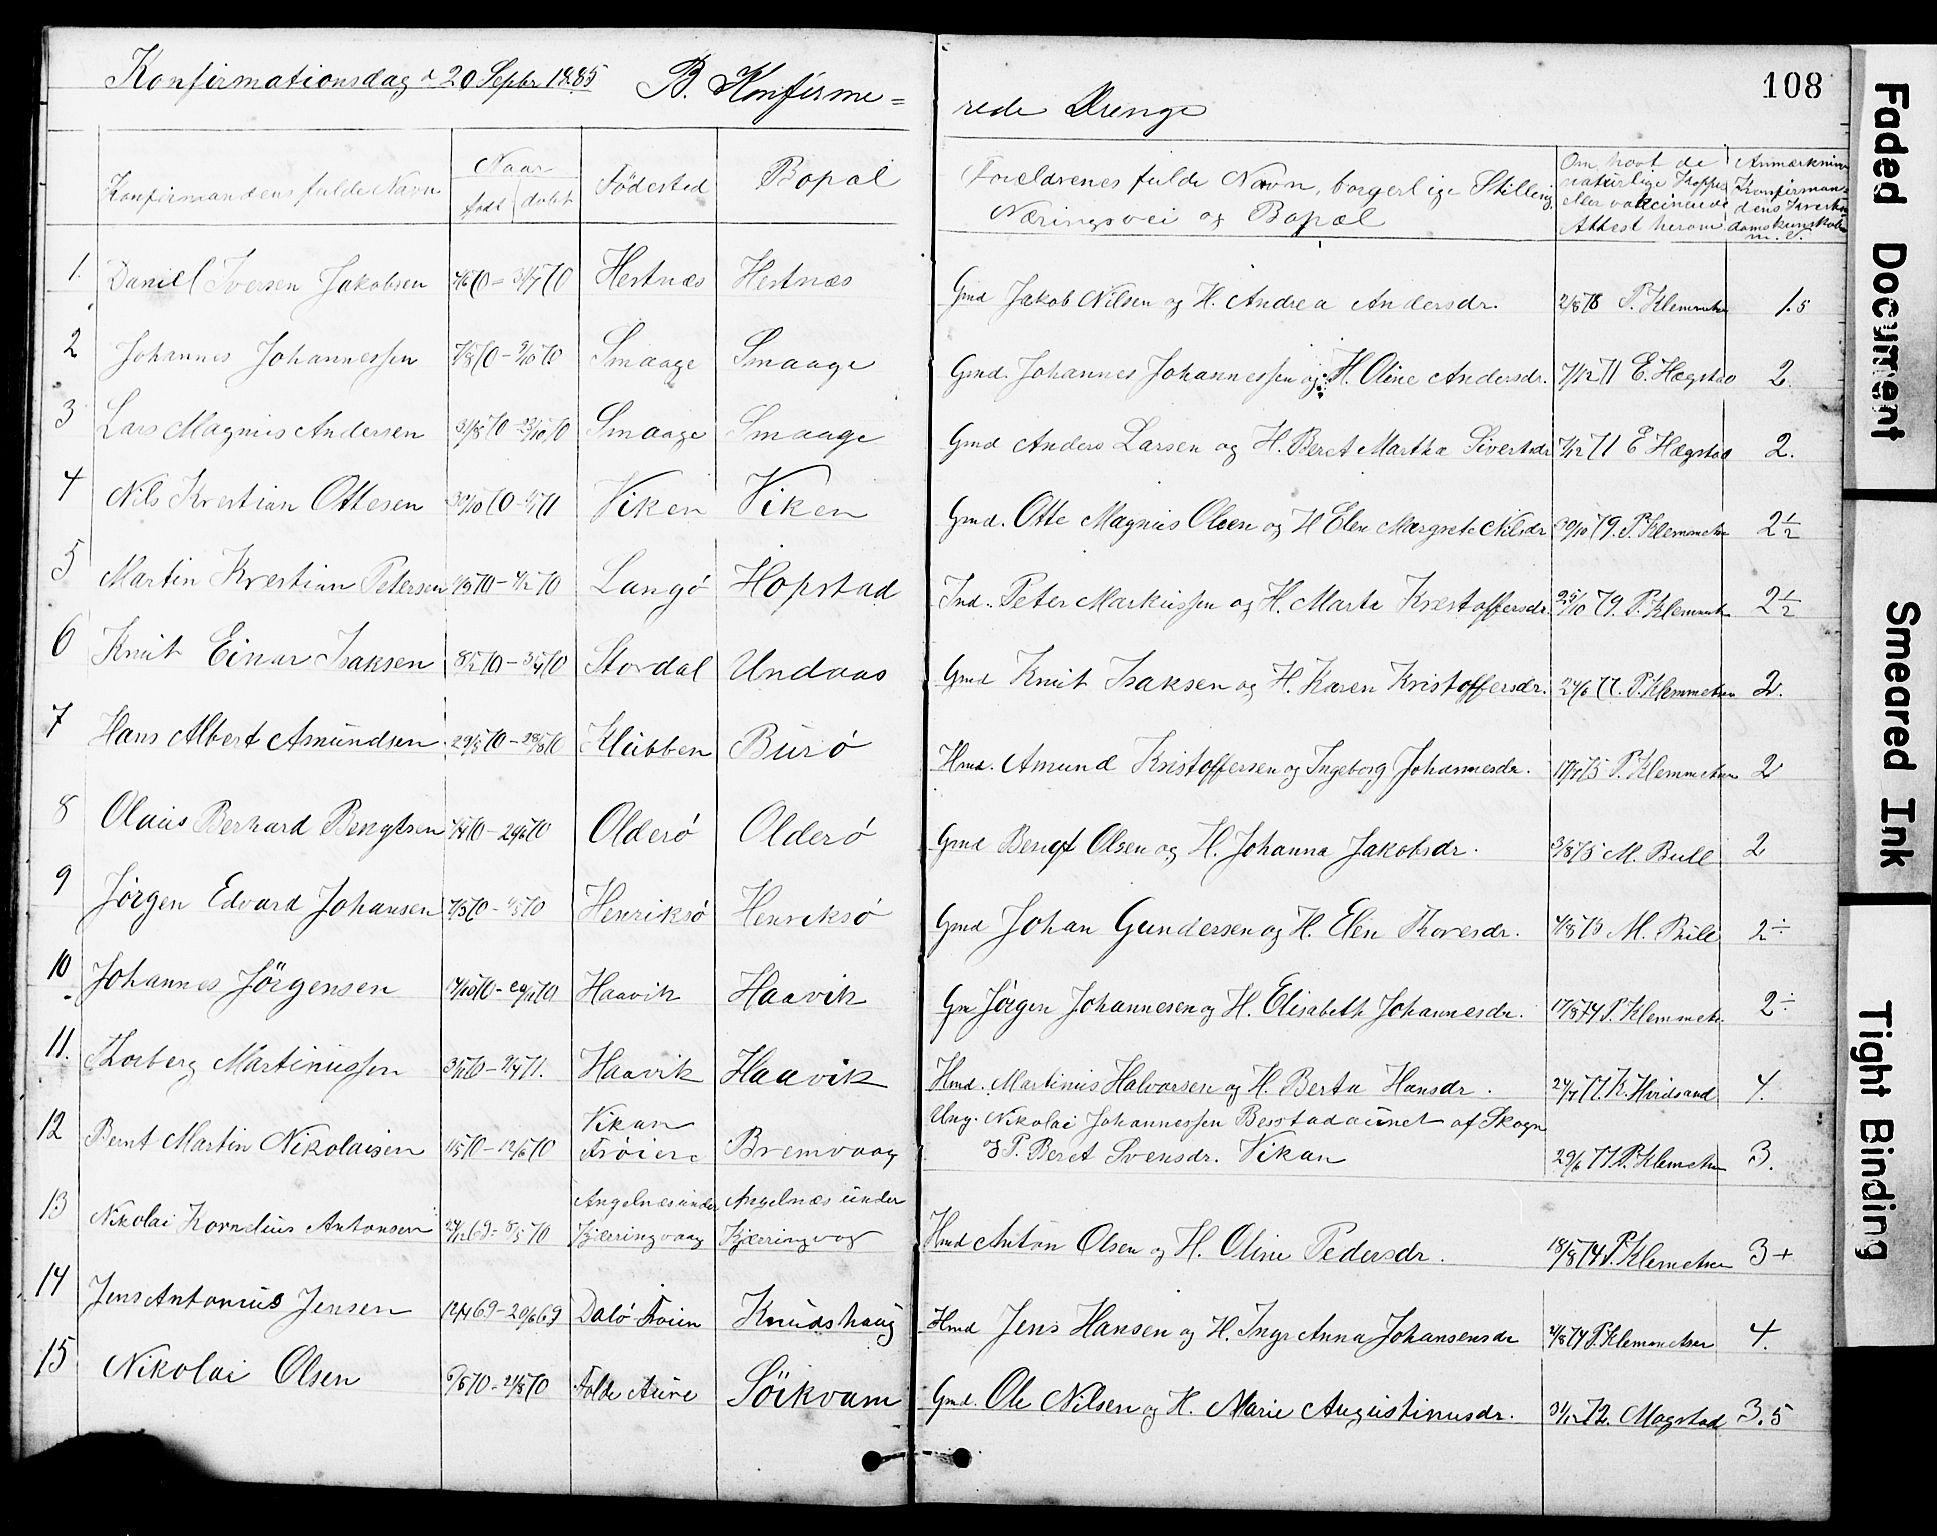 SAT, Ministerialprotokoller, klokkerbøker og fødselsregistre - Sør-Trøndelag, 634/L0541: Klokkerbok nr. 634C03, 1874-1891, s. 108